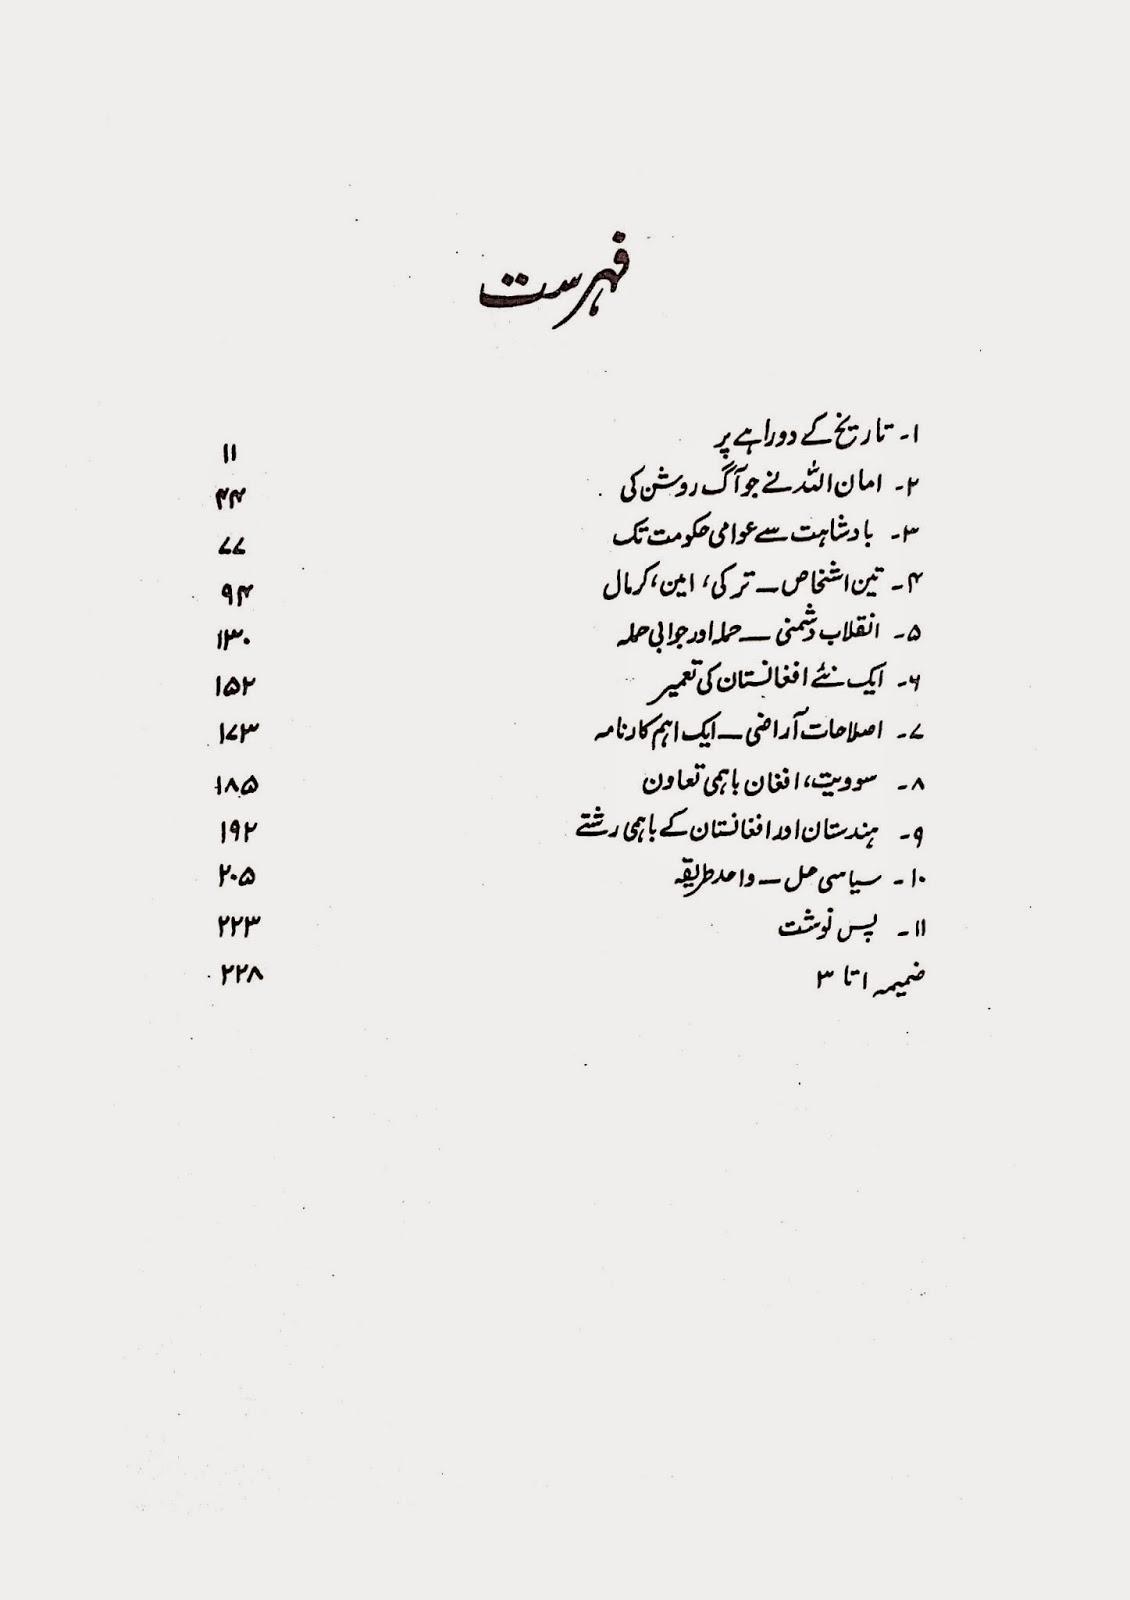 Contents: Afghanistan Zawaal sy Urooj tak By Sadhan Mukherjee in Urdu